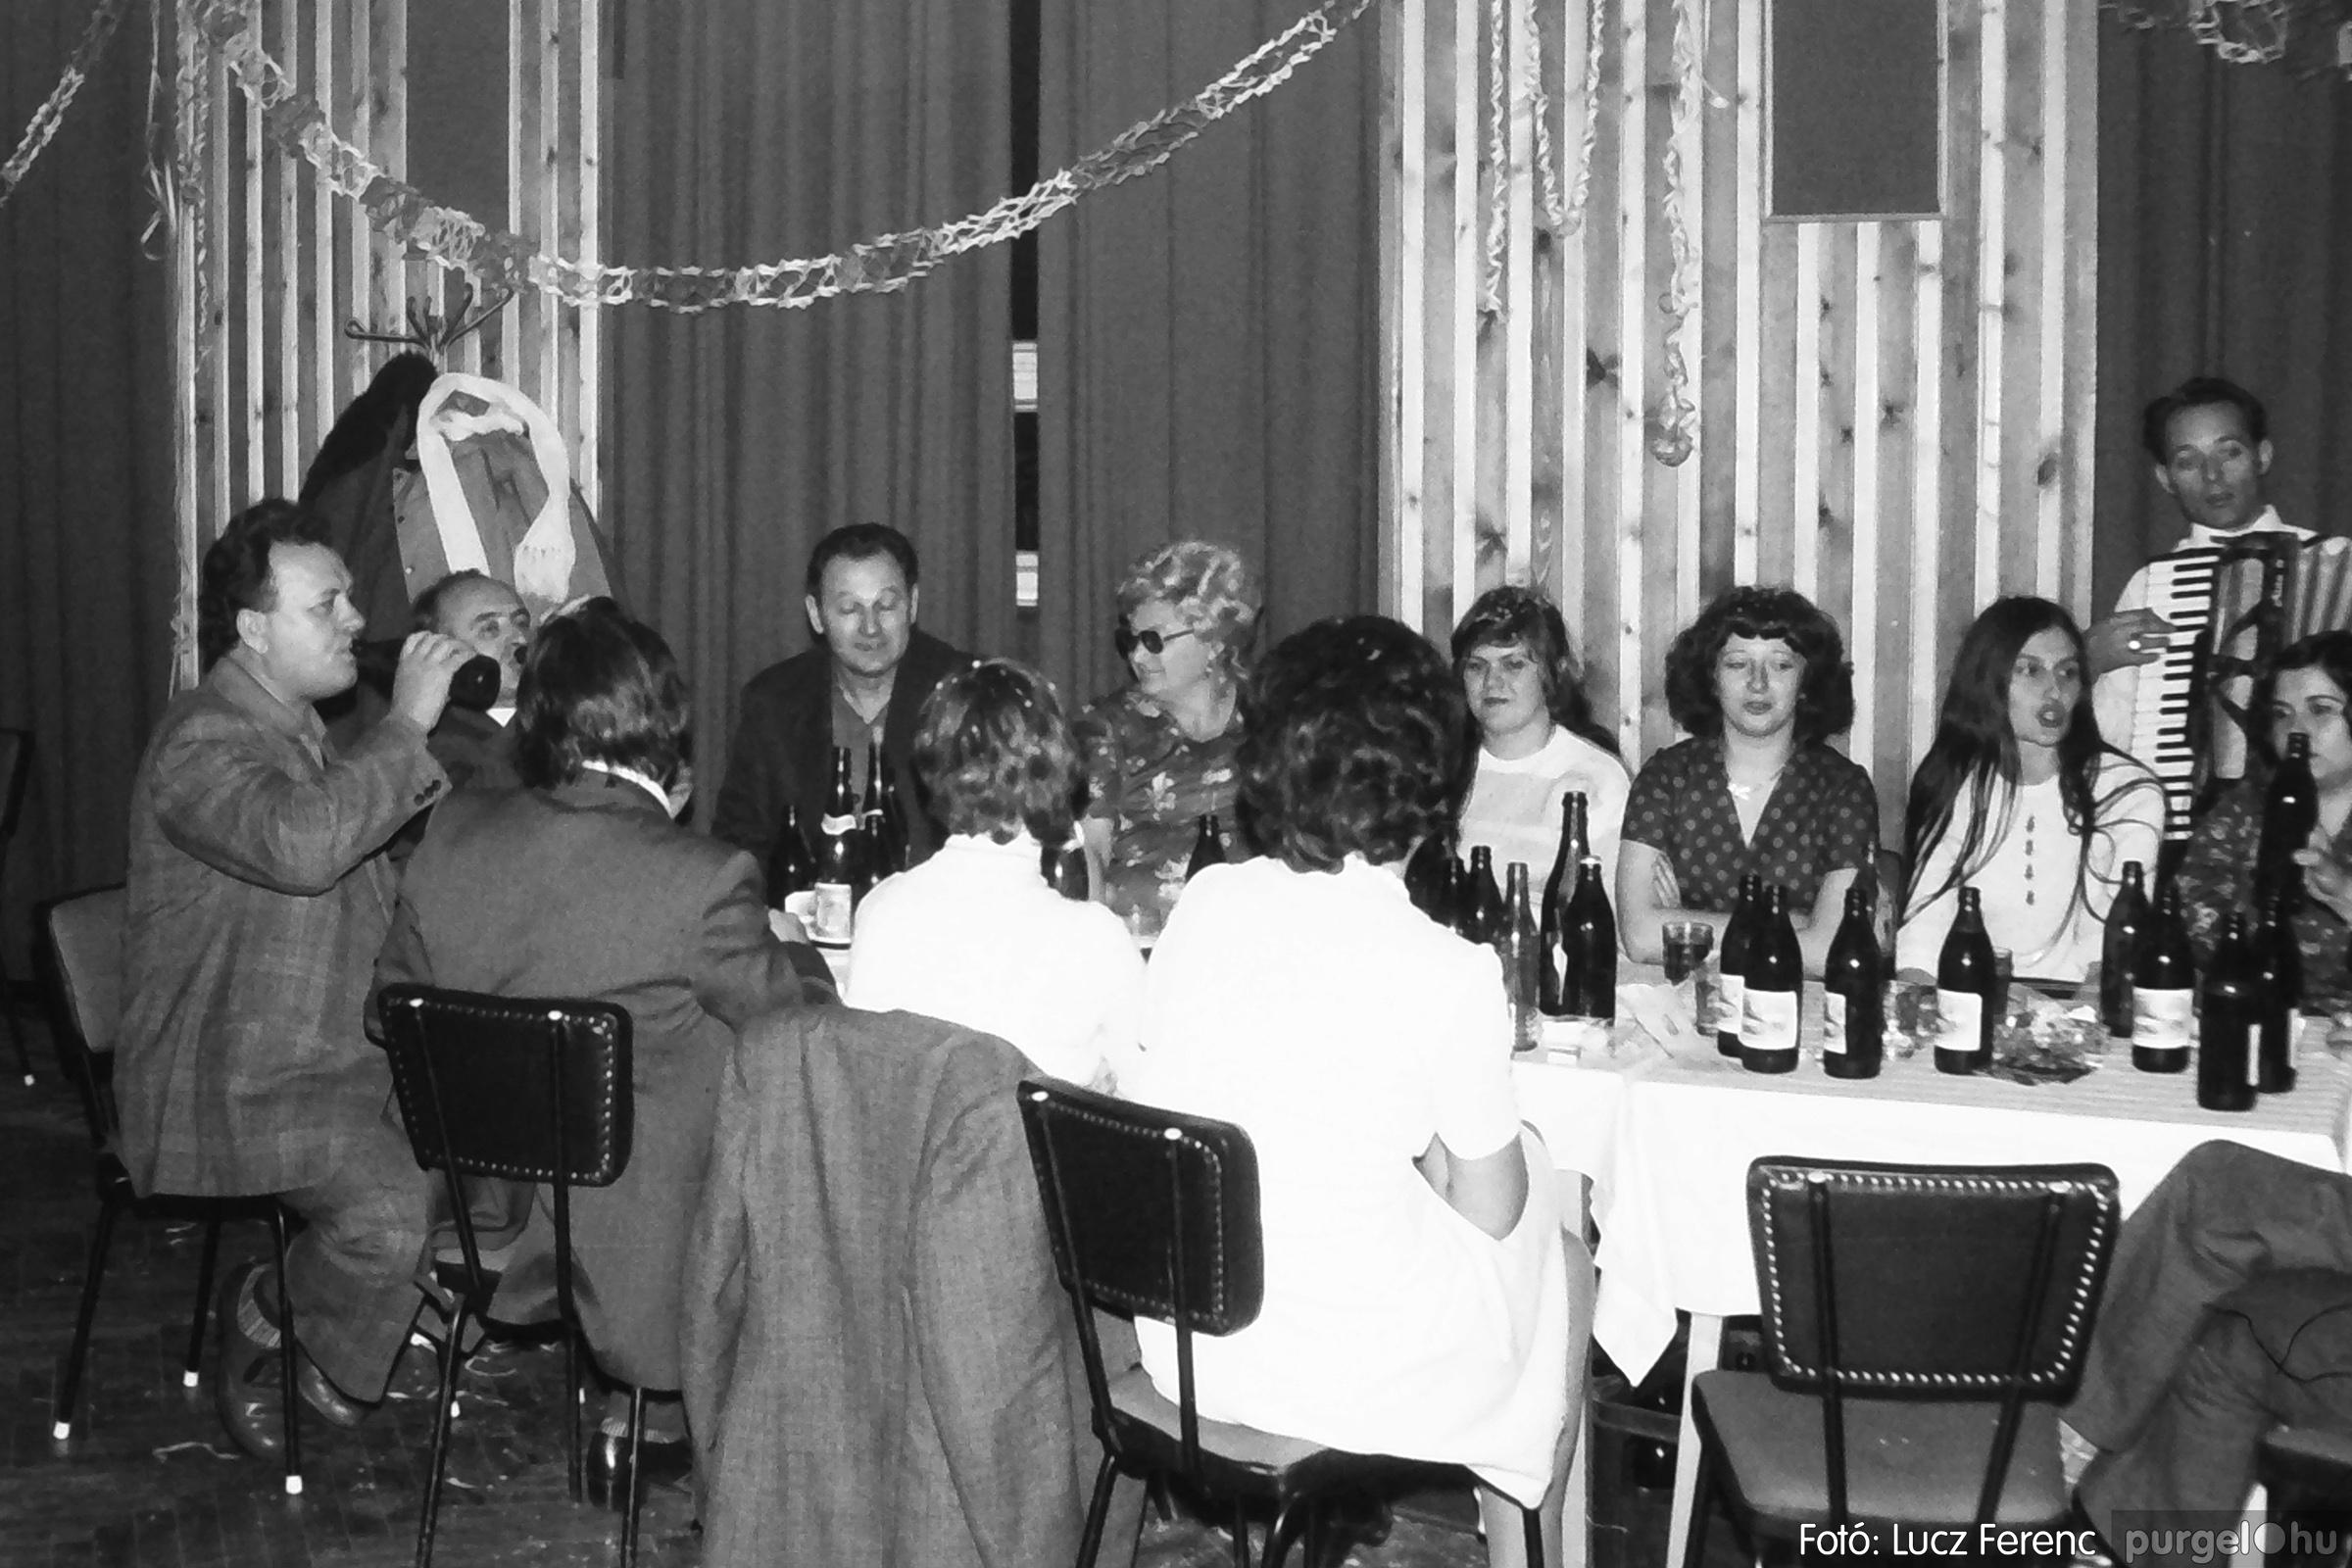 097. 1977.12.31. Szilveszter a kultúrházban 006. - Fotó: Lucz Ferenc.jpg